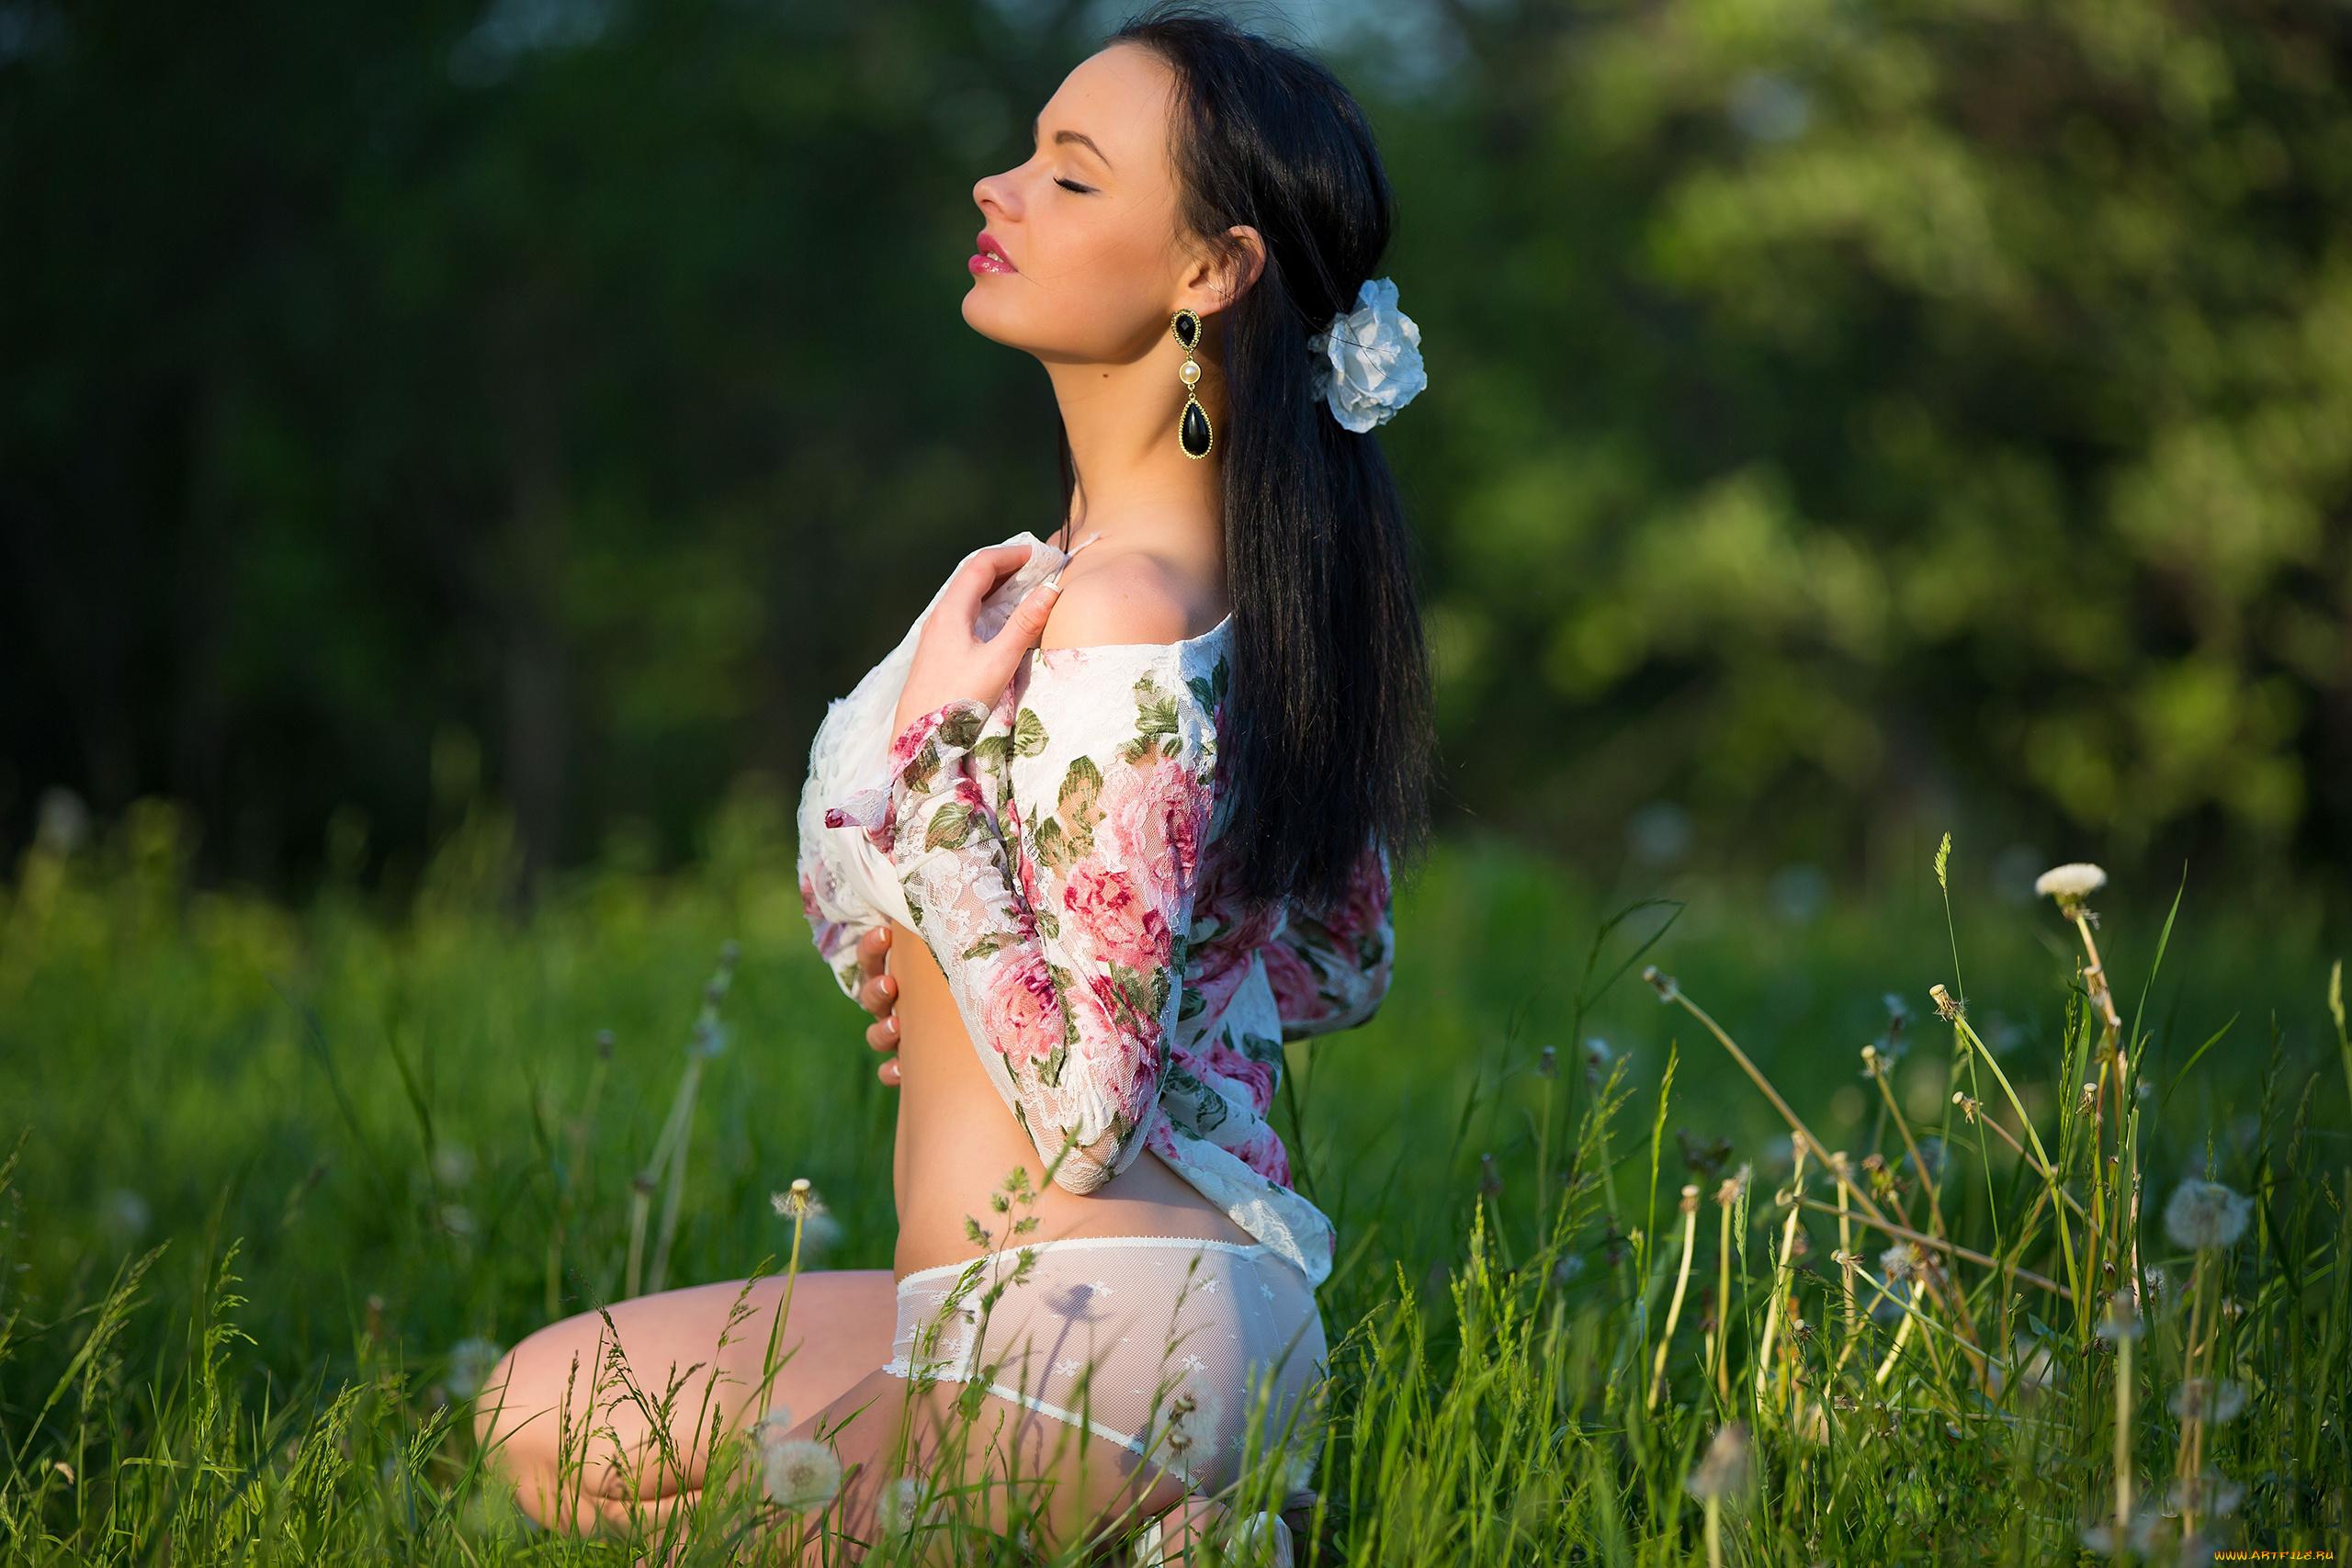 Русский эрик ебет на природе, Русское порно на природе на 14 фотография